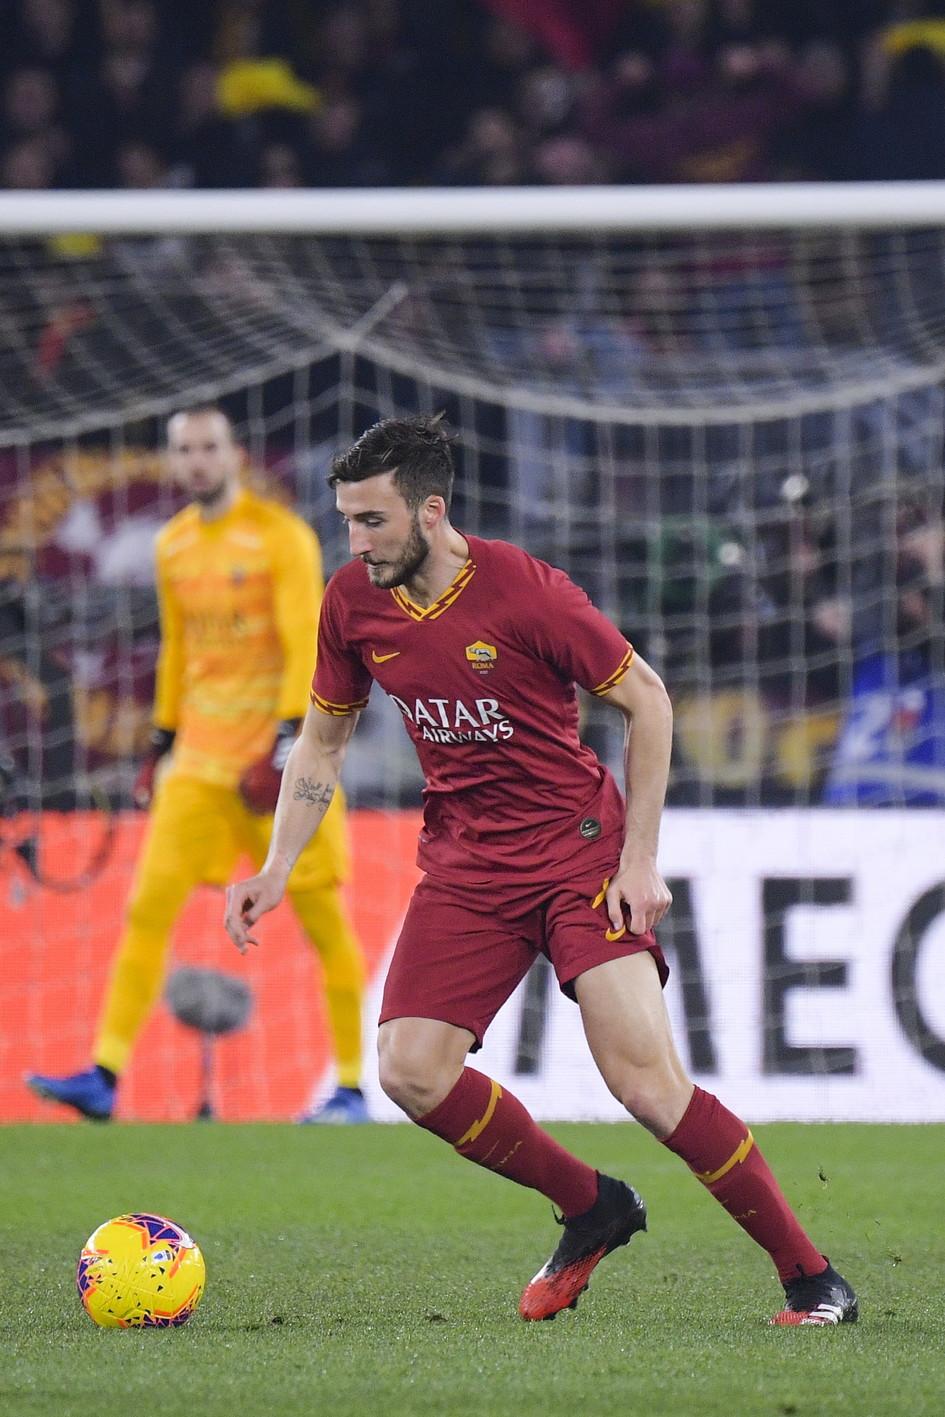 Nella 21a giornata di Serie A, la Roma pareggia 1-1 con la Lazio e interrompe a 12 la striscia vincente dei biancocelesti. Protagonisti in negativo de...